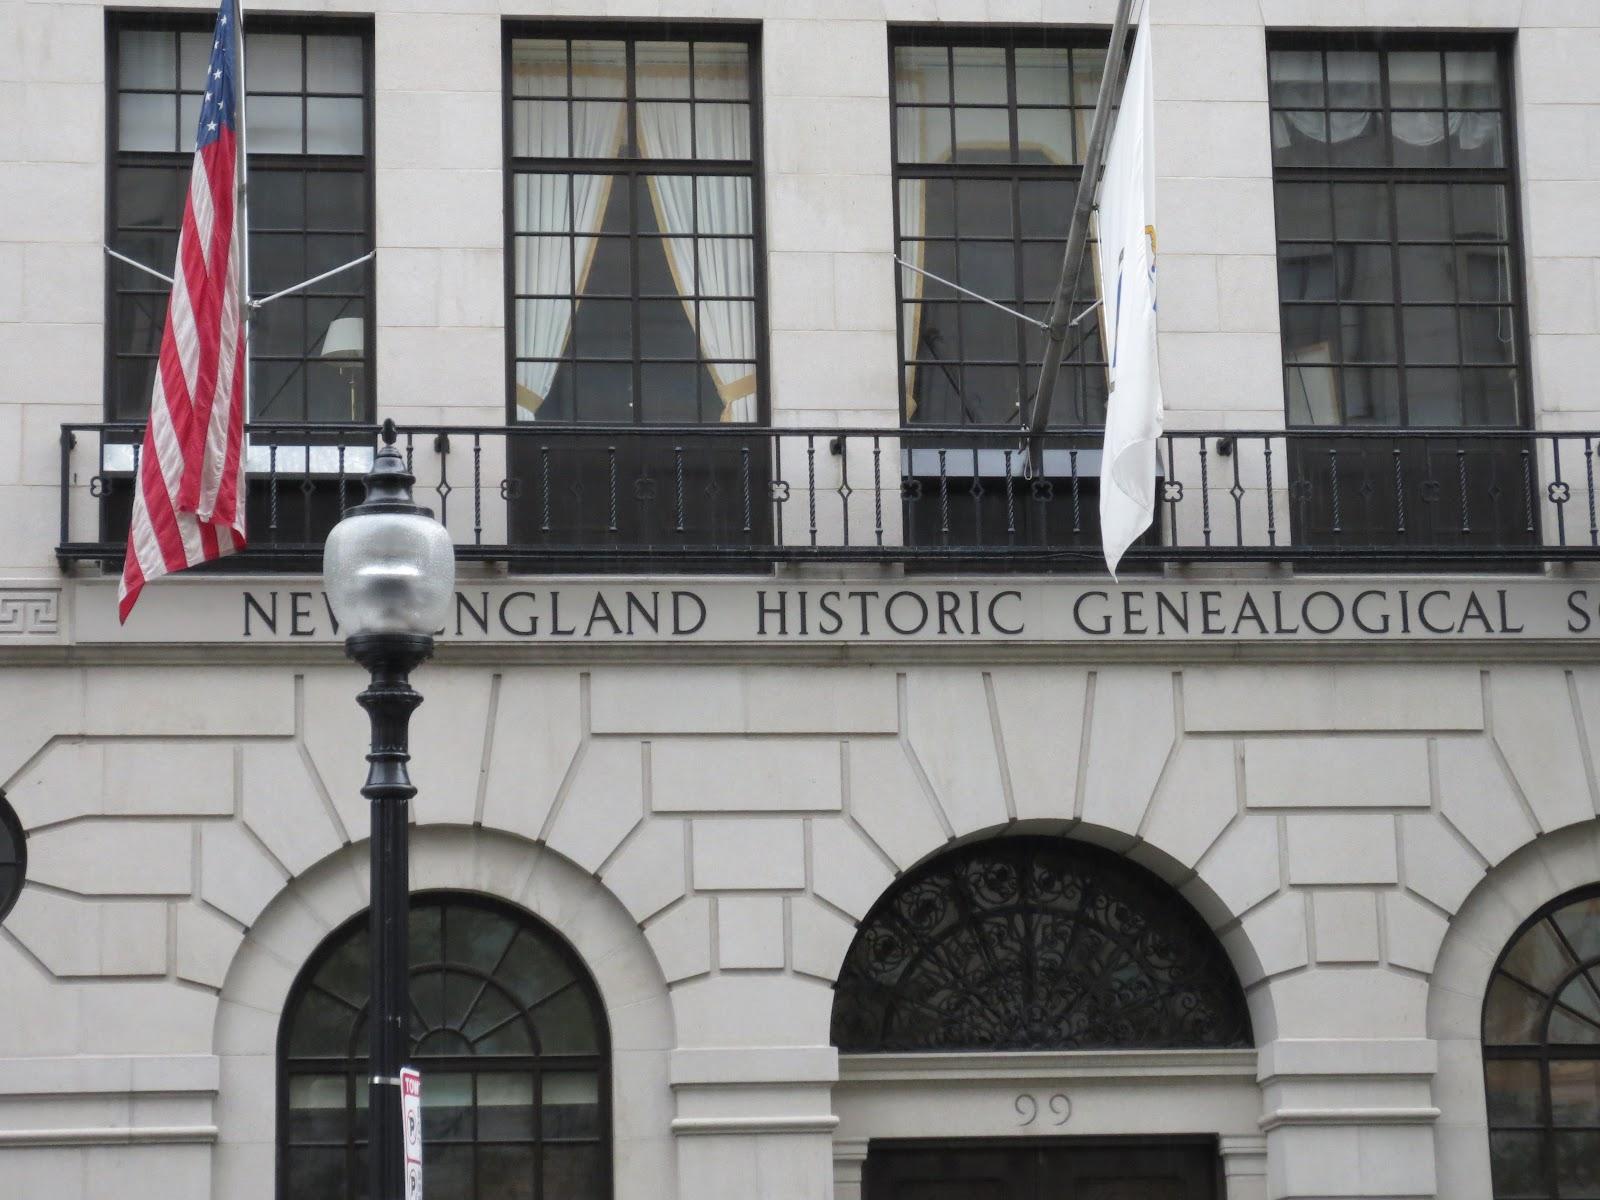 THE ART OF GENEALOGY: NEW ENGLAND HISTORIC GENEALOGICAL ...